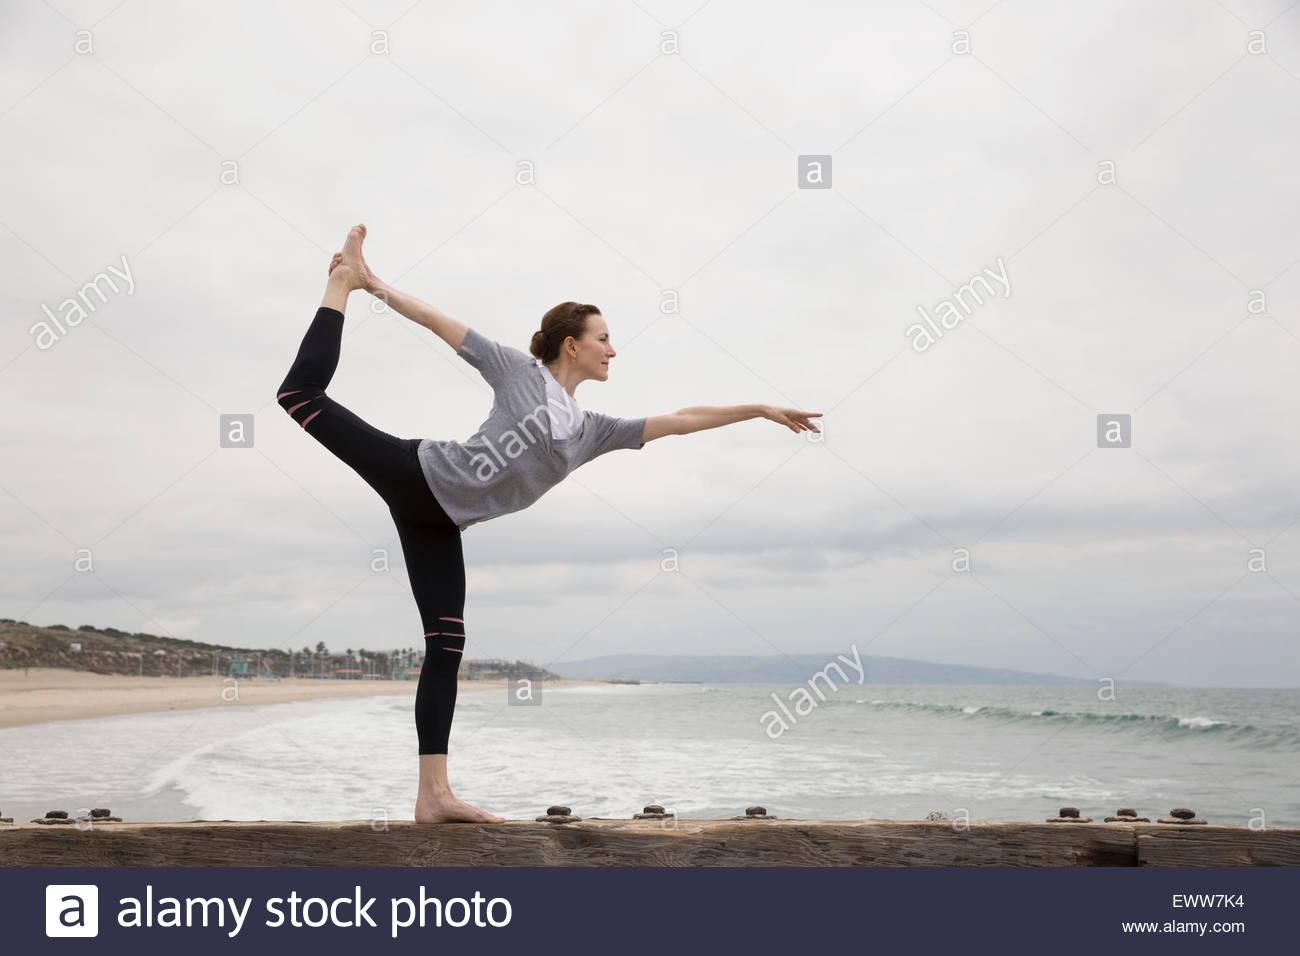 Woman doing yoga king dancer pose on beach - Stock Image